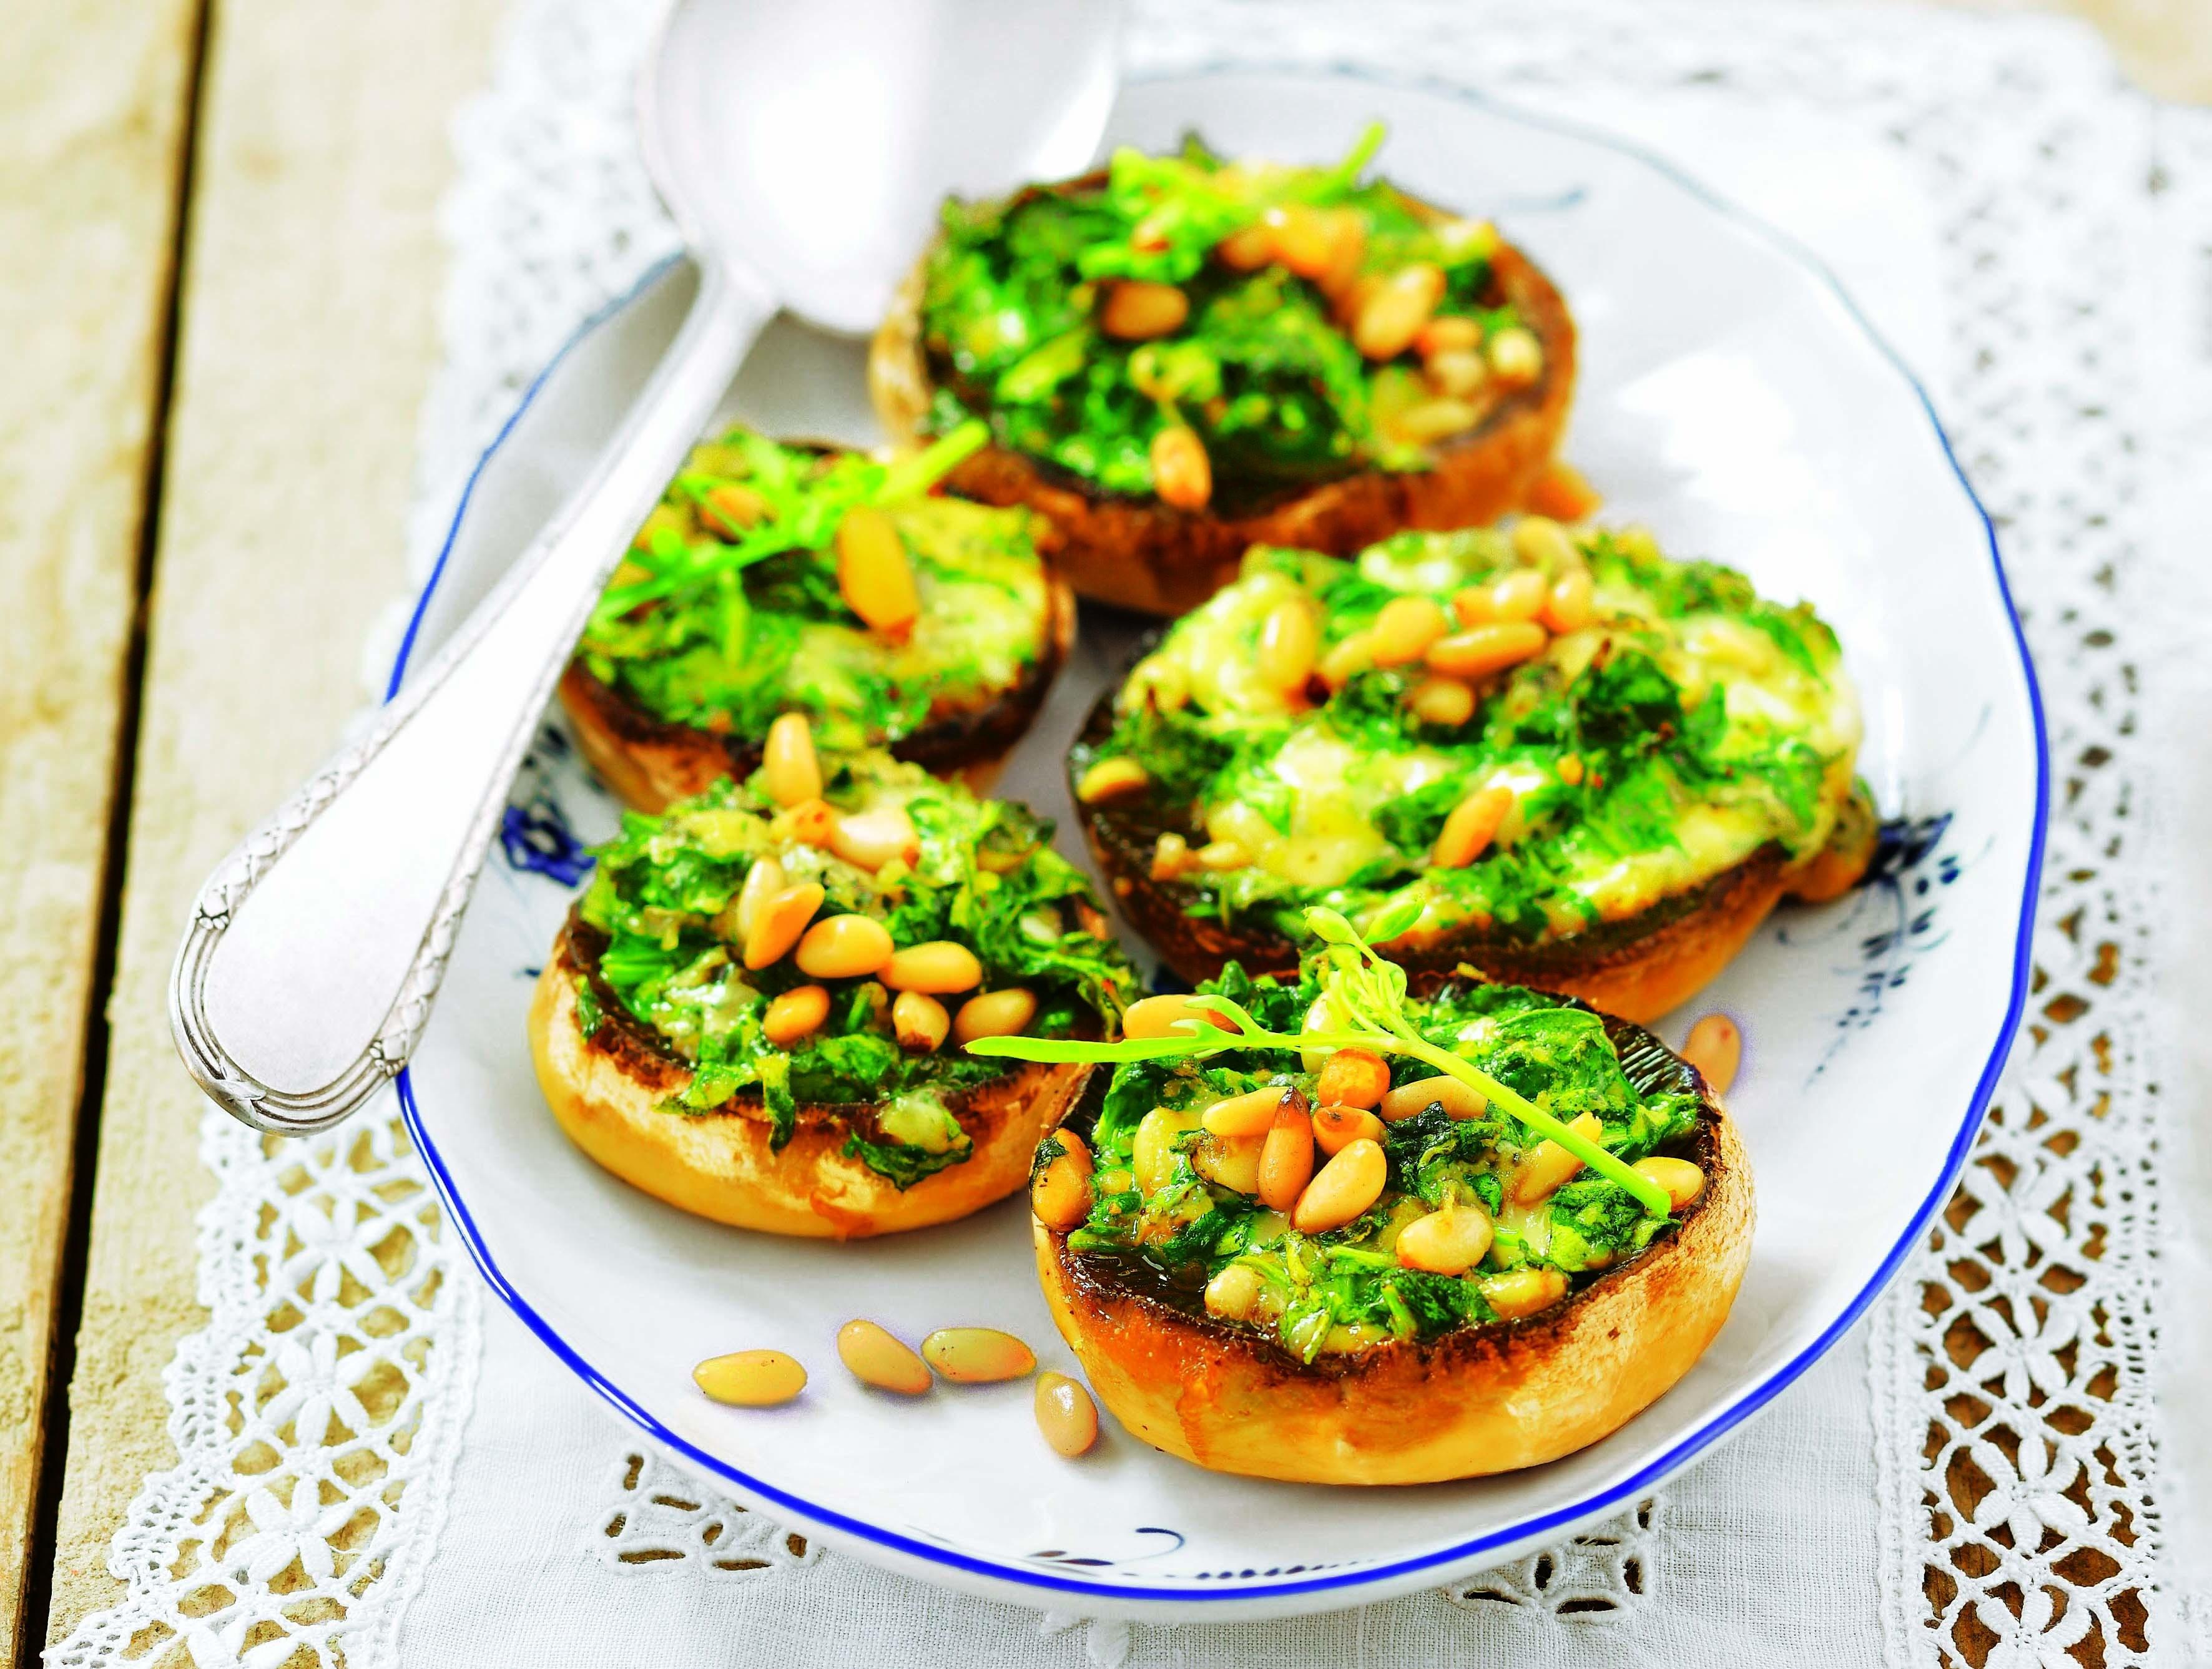 Любителям грибов: рецепт шампиньонов с сыром